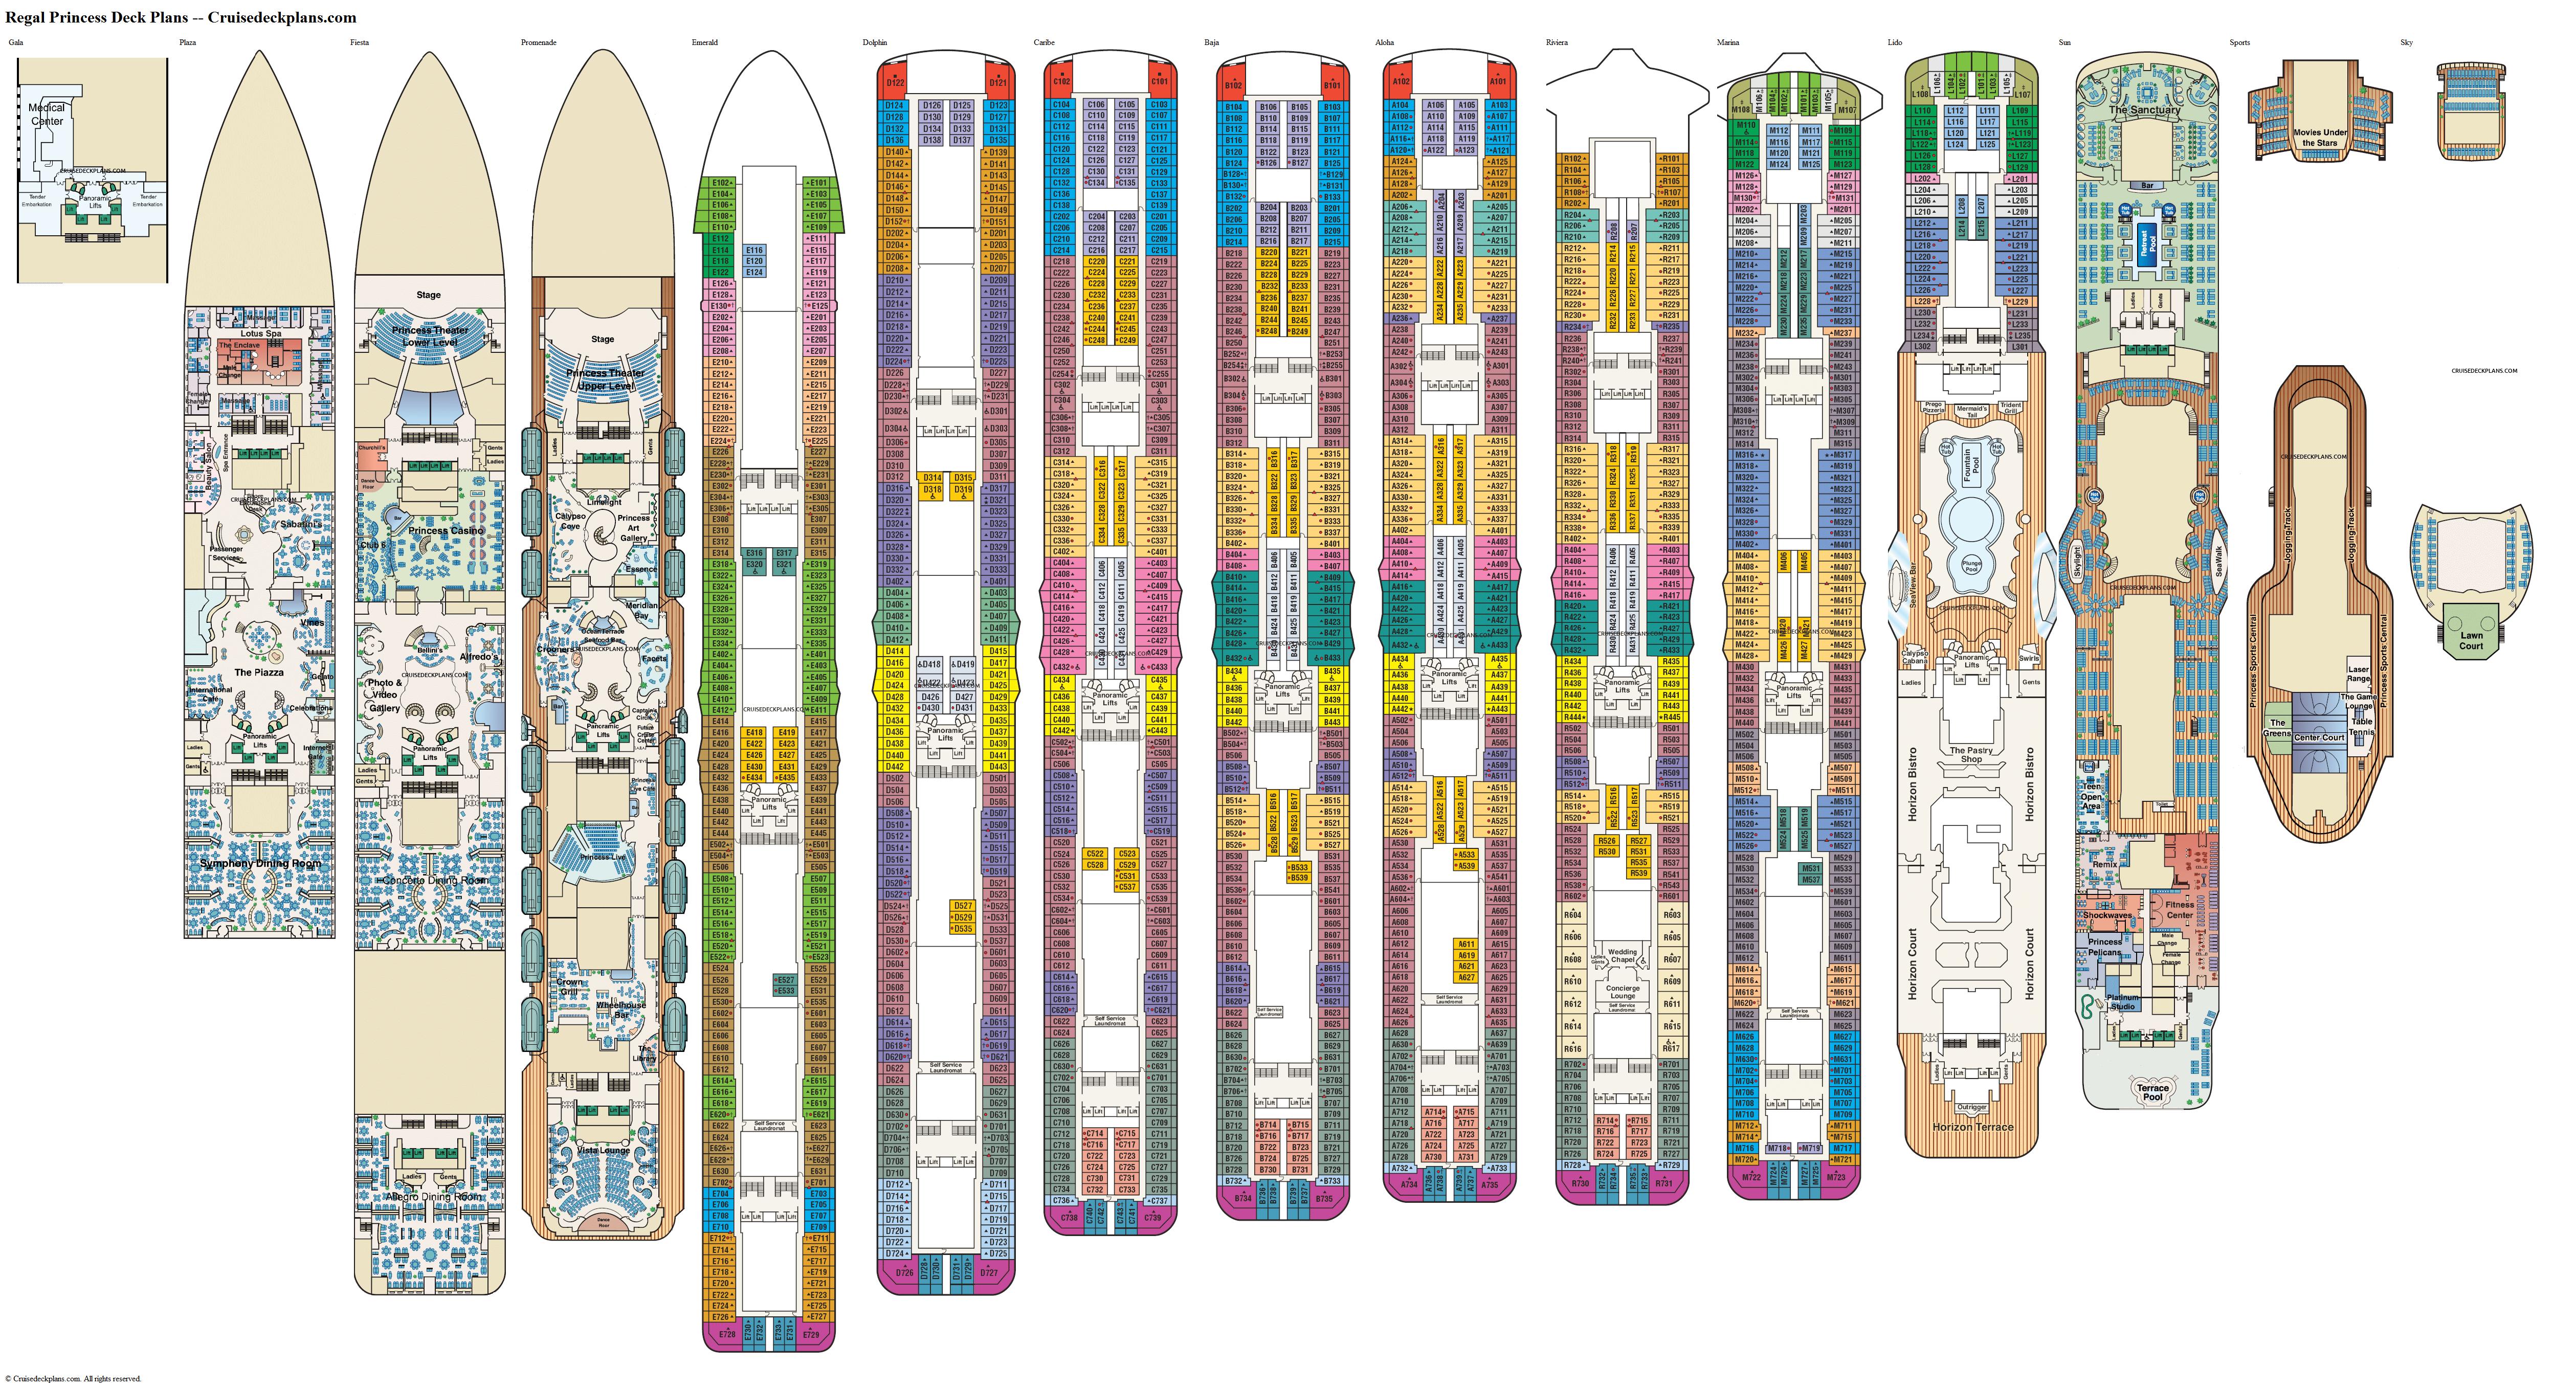 Regal Princess Deck Plans Diagrams Pictures Video